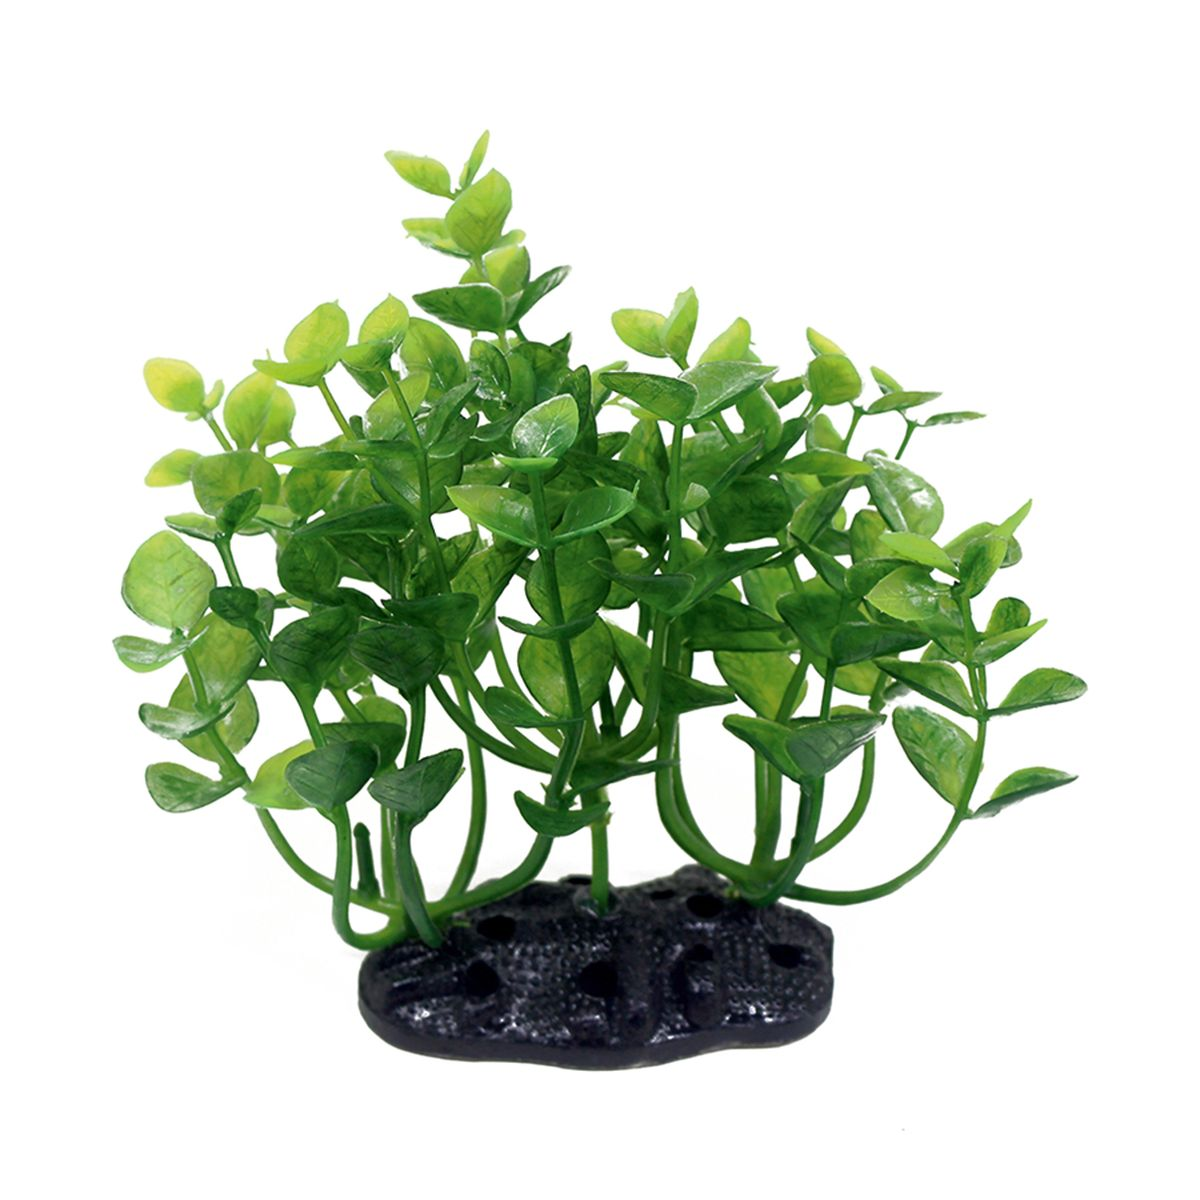 Растение для аквариума ArtUniq Бакопа монье, высота 10-12 смART-1192106Растение для аквариума ArtUniq Бакопа монье, высота 10-12 см